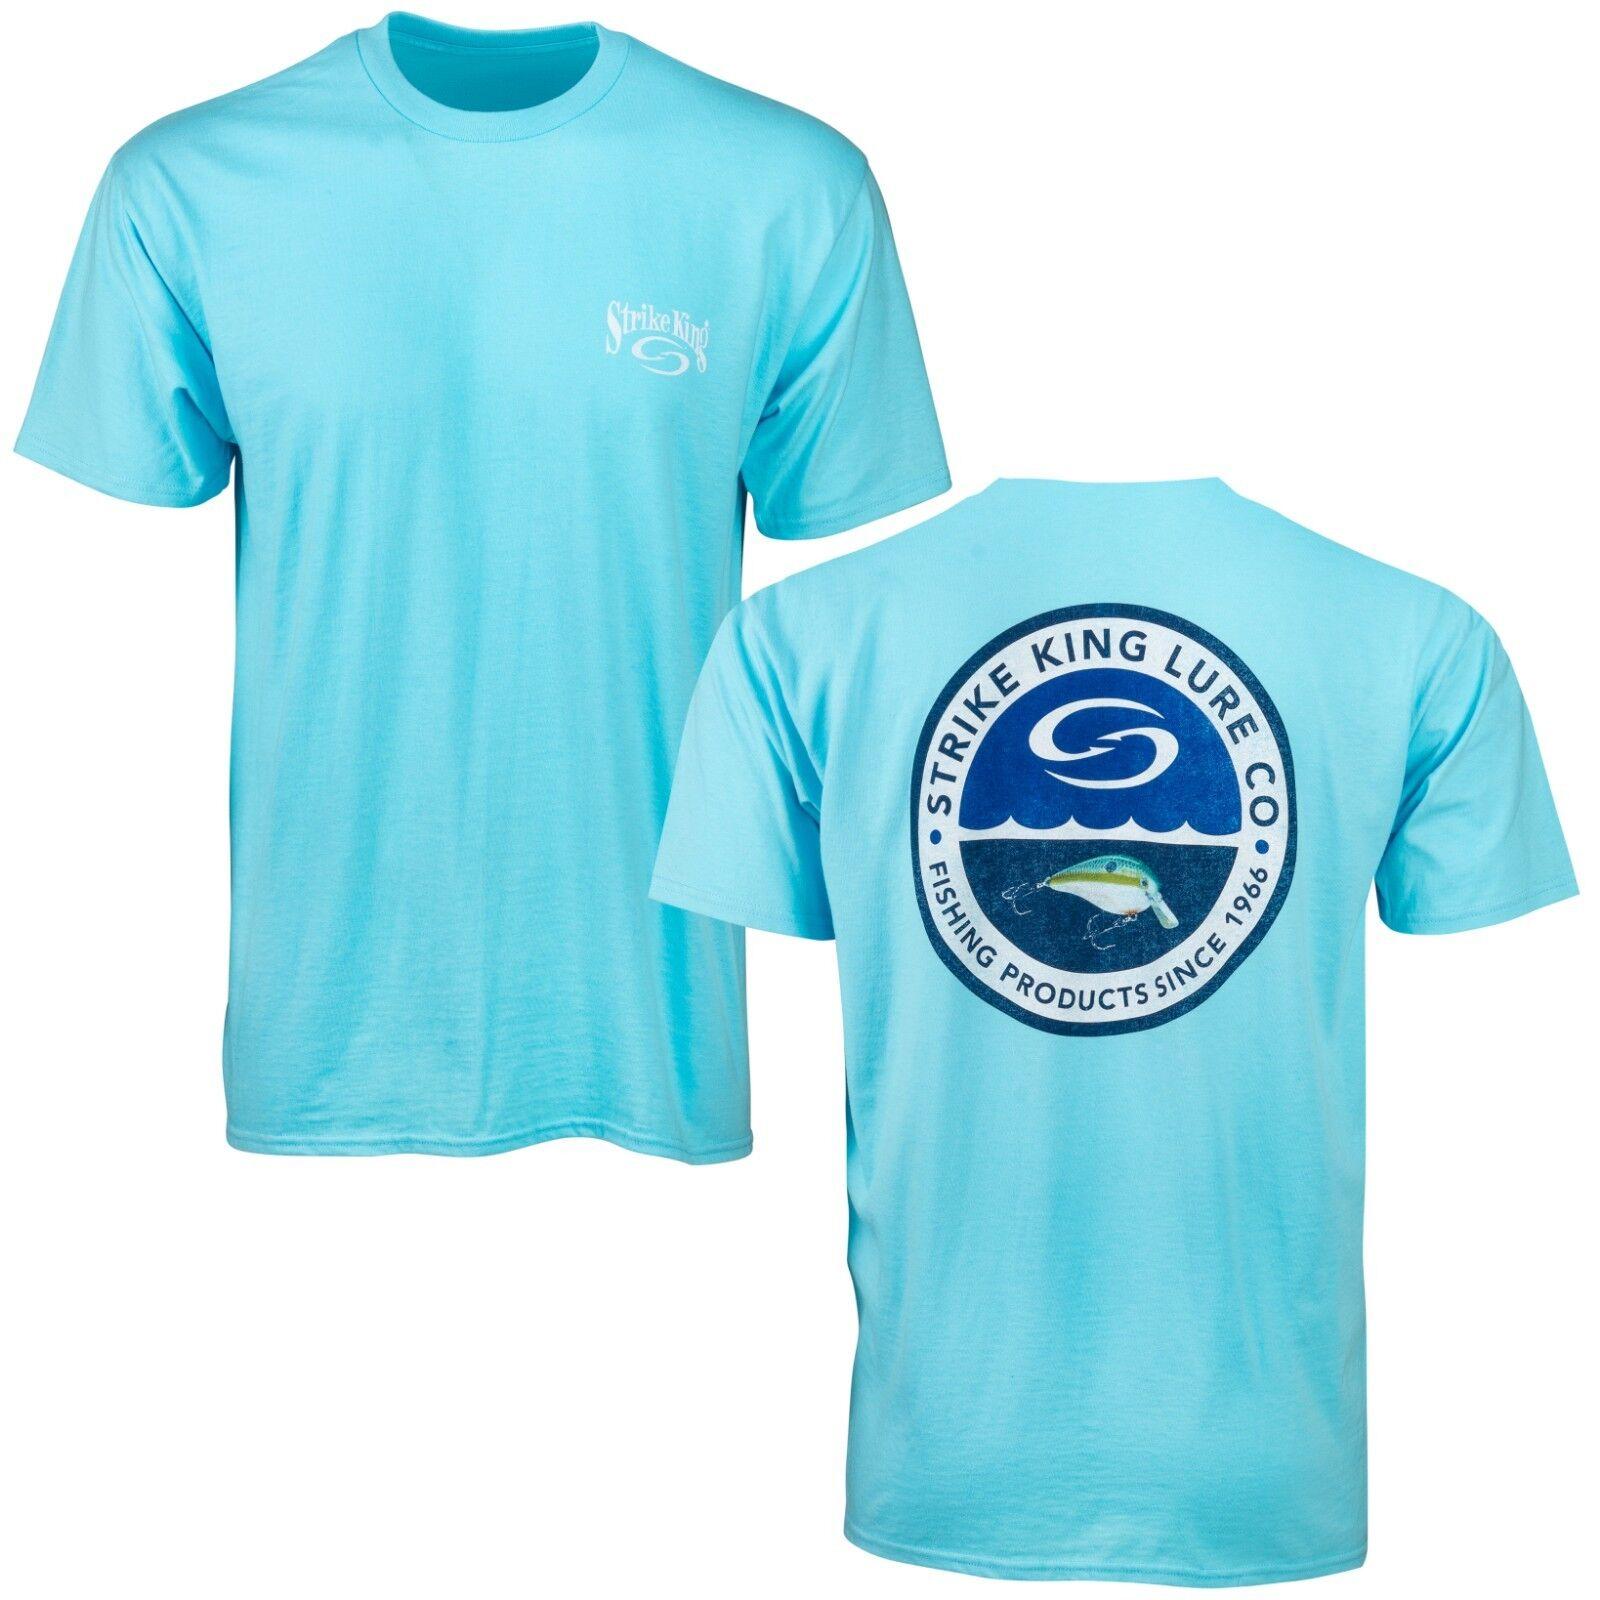 Strike King Circle Badge T-Shirt - Strike King Apparel, Bran